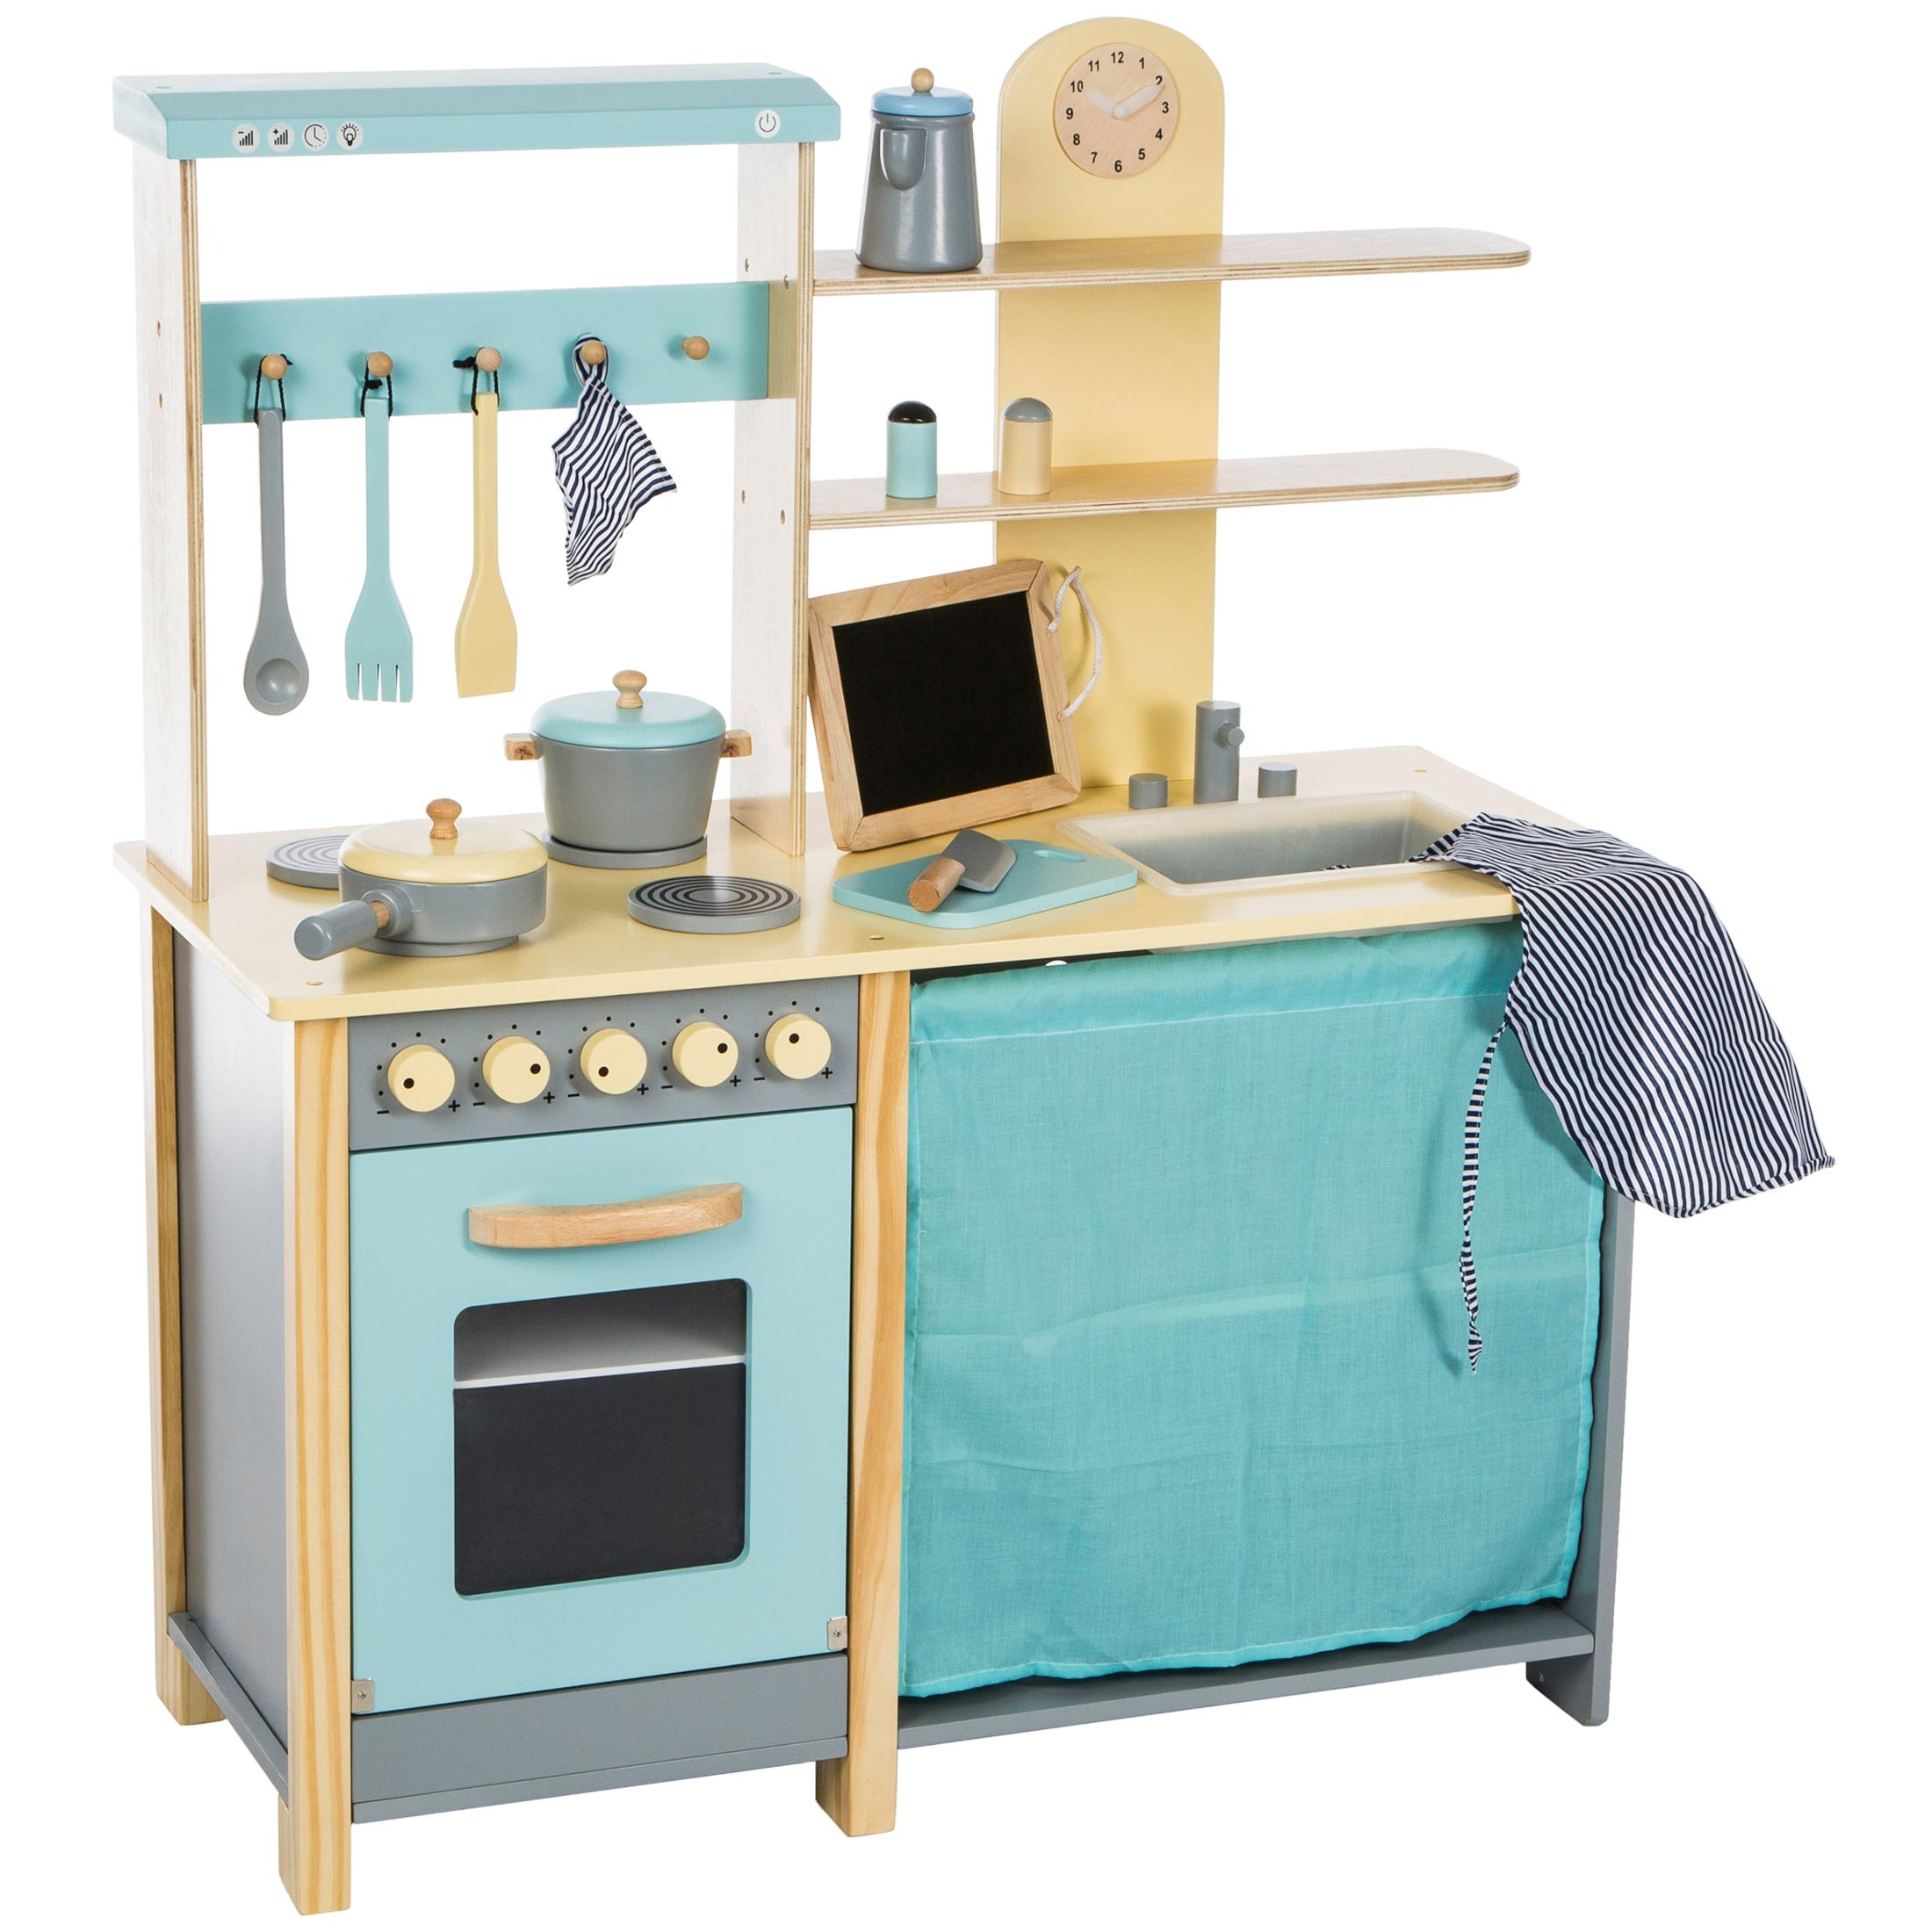 Ultrakidz cucina giocattolo comfort in legno naturale for Cucina giocattolo